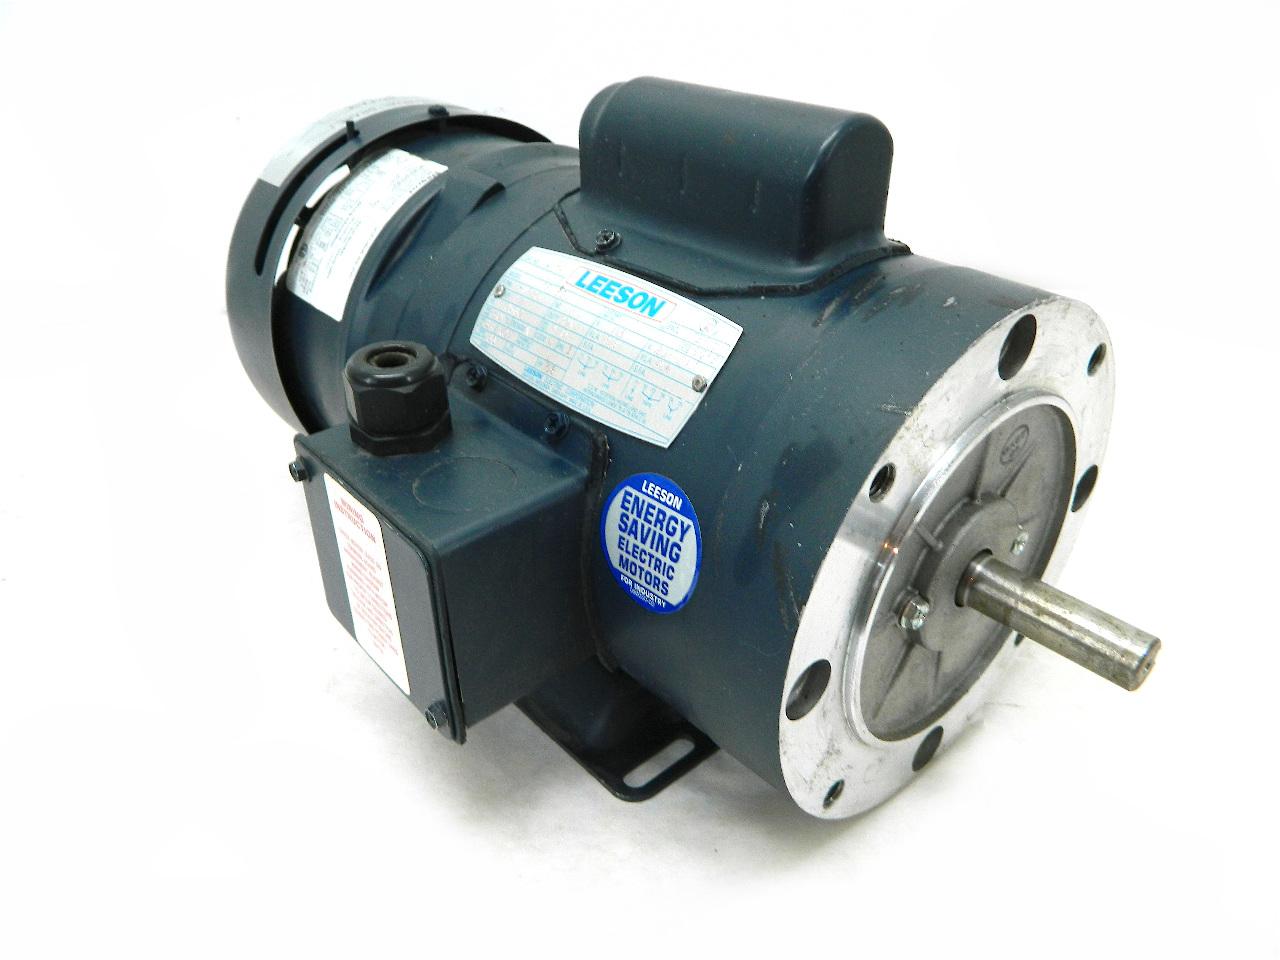 Leeson electric brake motor 0 5 hp 1725 rpm 115 for Electrical braking of dc motor